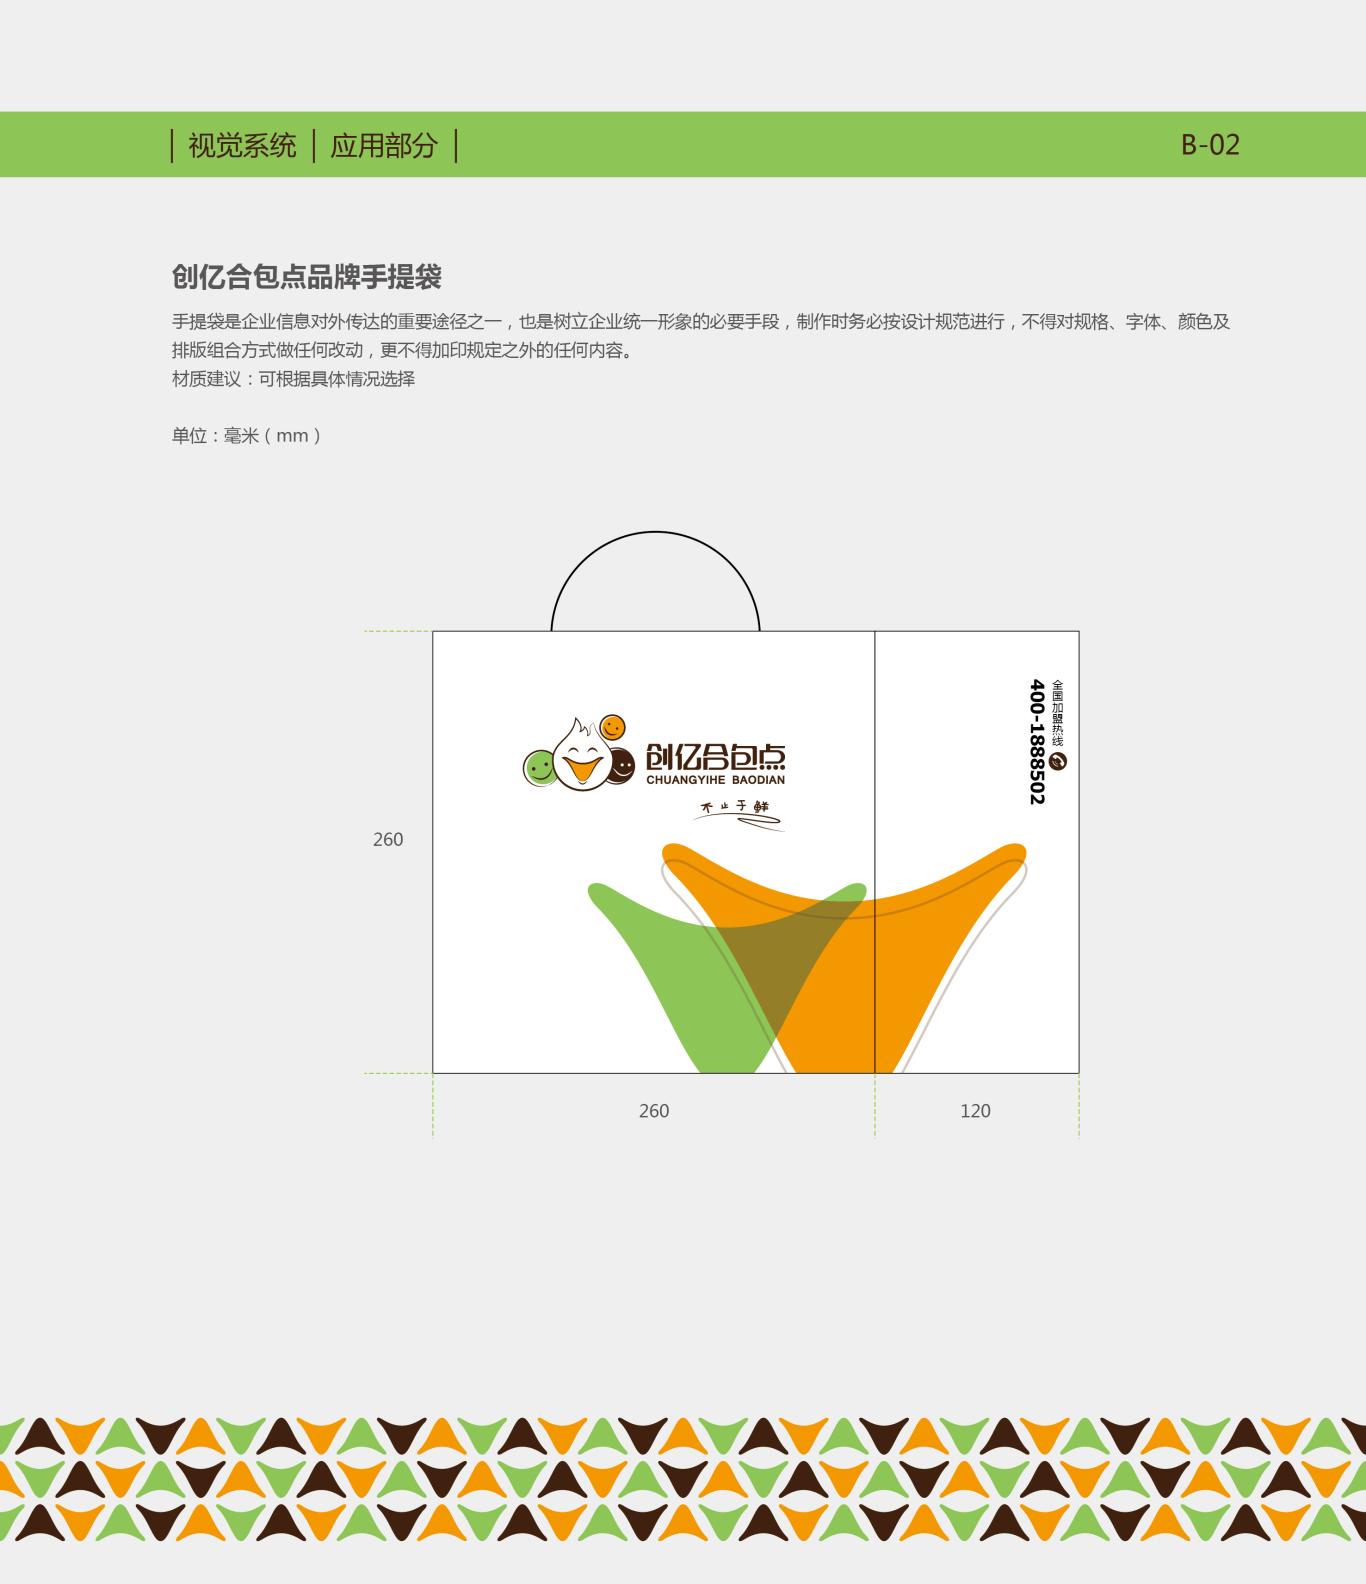 锐晟设计成功案例—创亿和包点VI图28